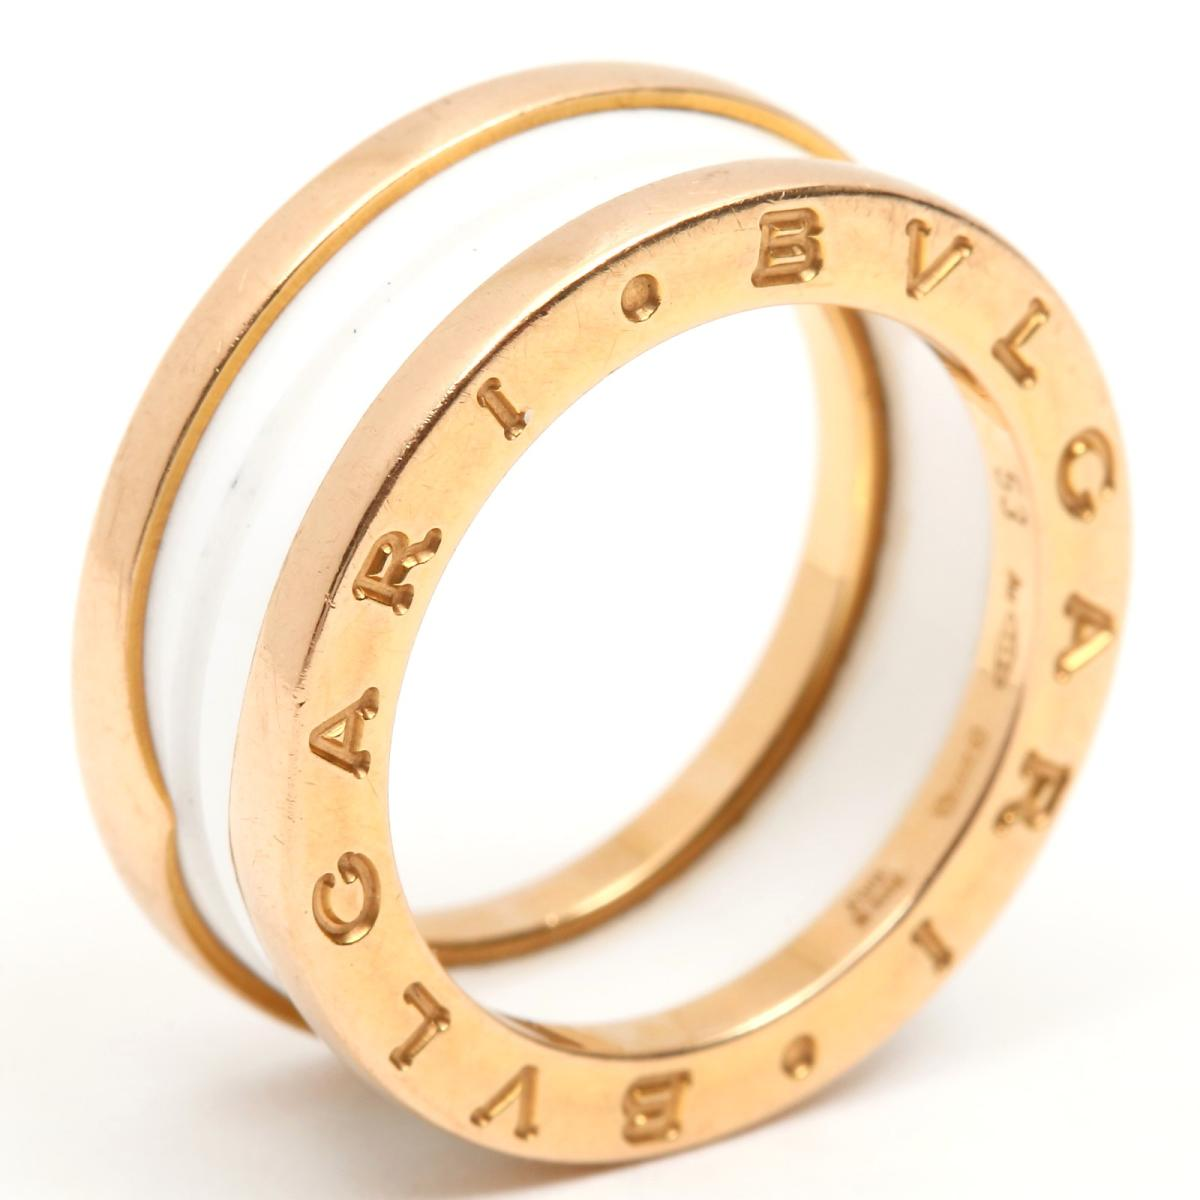 ブルガリ B-zero1 リング ビーゼロワン 指輪 ブランドジュエリー メンズ レディース K18PG (750) ピンクゴールド x ホワイトセラミック 【中古】   BVLGARI BRANDOFF ブランドオフ ブランド ジュエリー アクセサリー